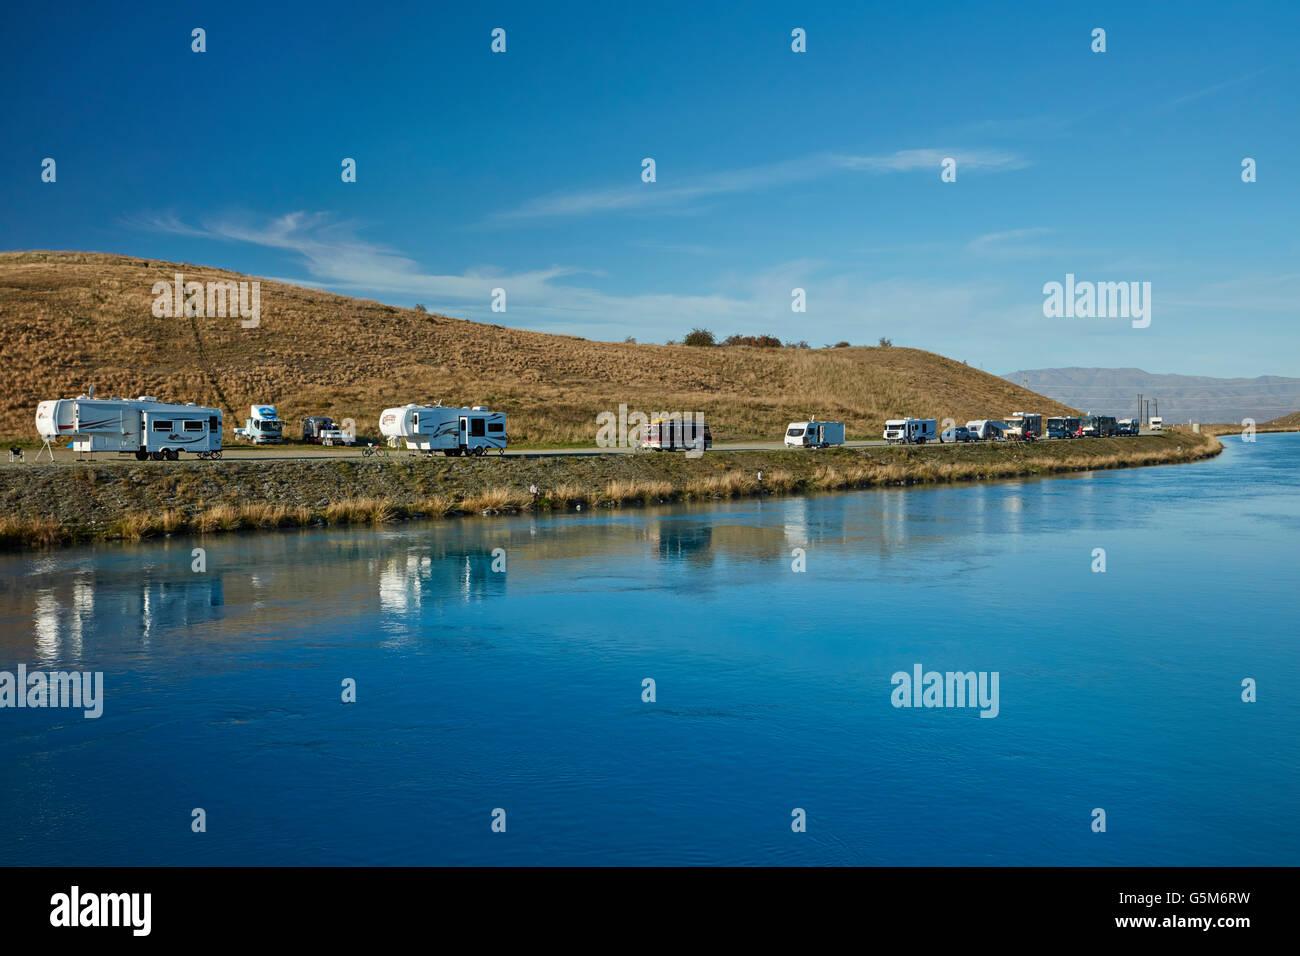 Les pêcheurs, les caravanes et camping-car par le lac Ruataniwha, près de Twizel, District de Mackenzie, Photo Stock